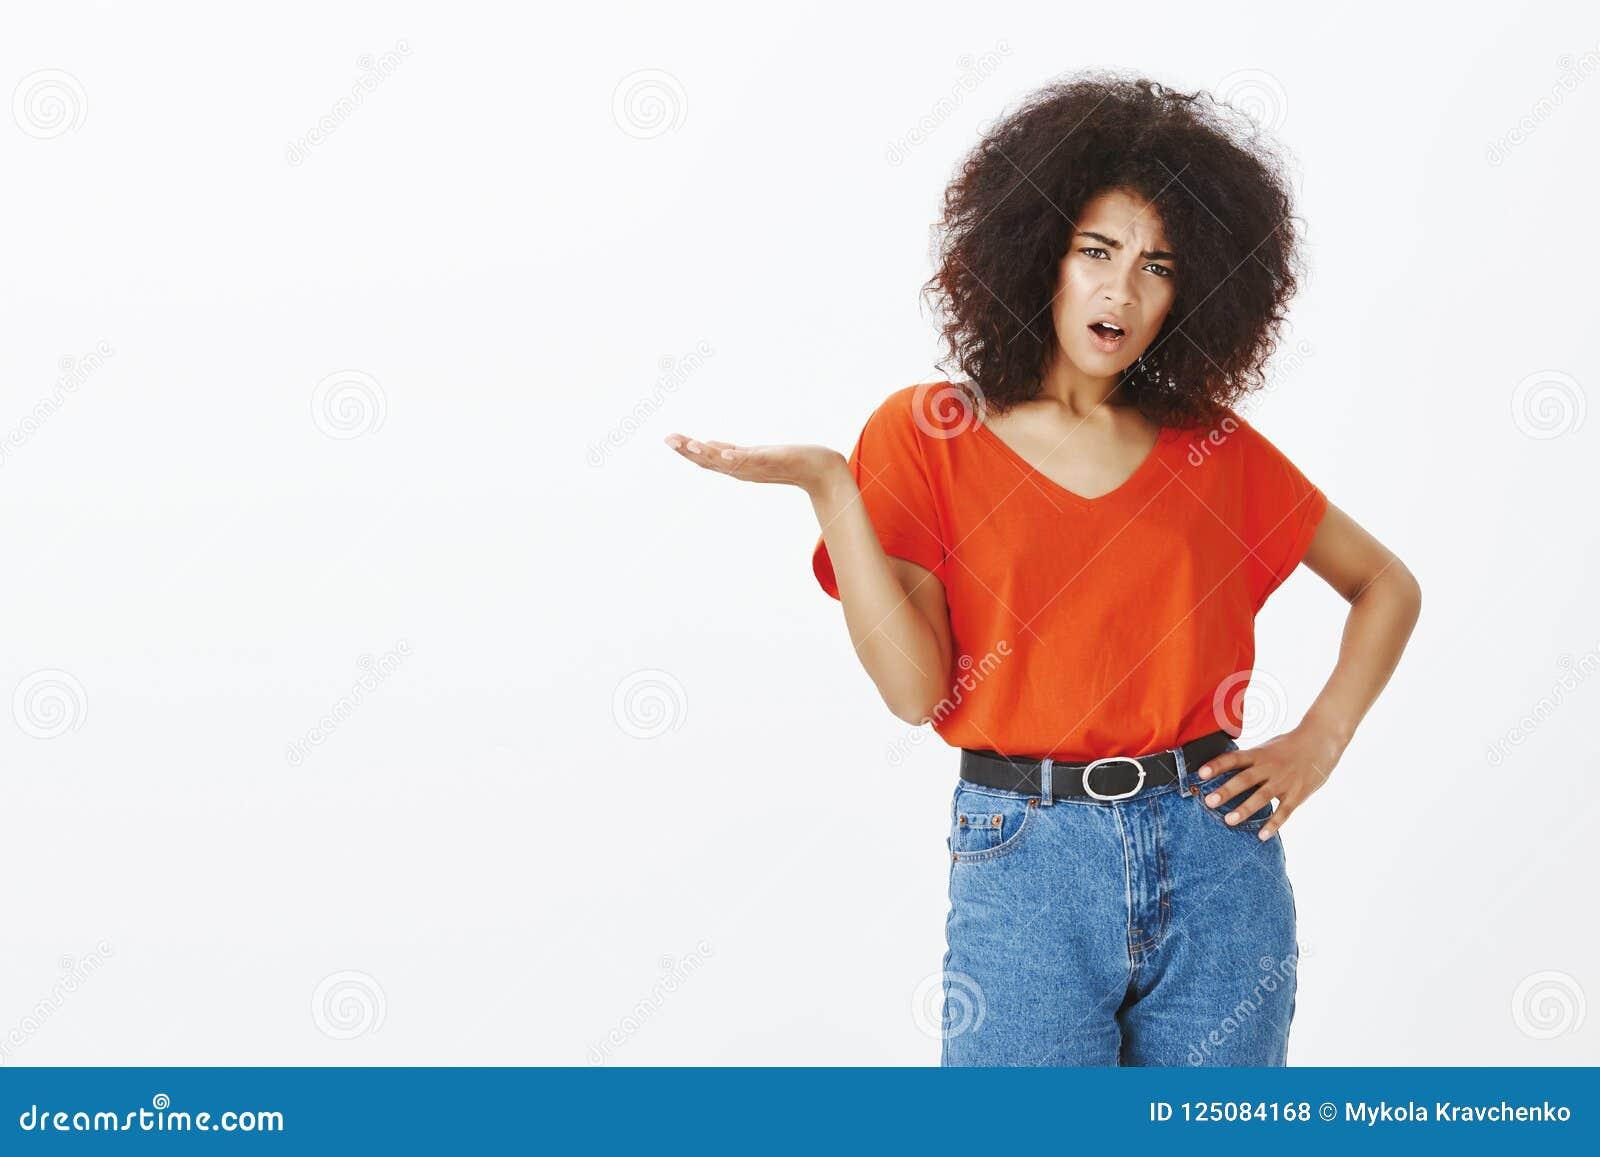 Cuál Es Su Punto Hombre Mujer De Piel Morena Atractiva